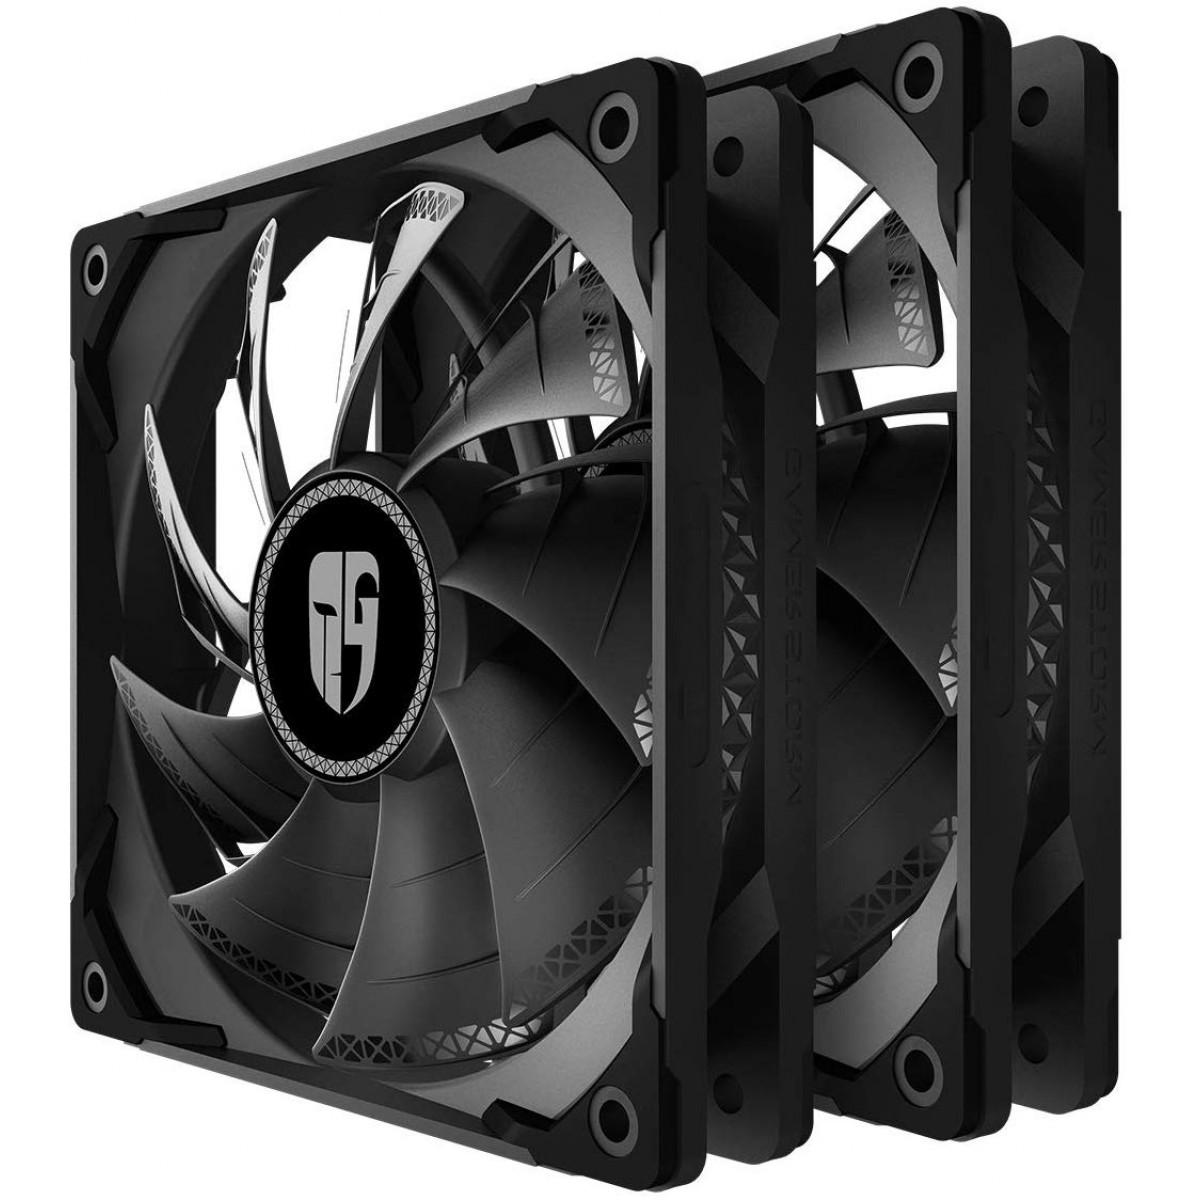 Water Cooler DeepCool Castle 240EX, RGB 240mm, Intel-AMD, DP-GS-H12-CSL240EX